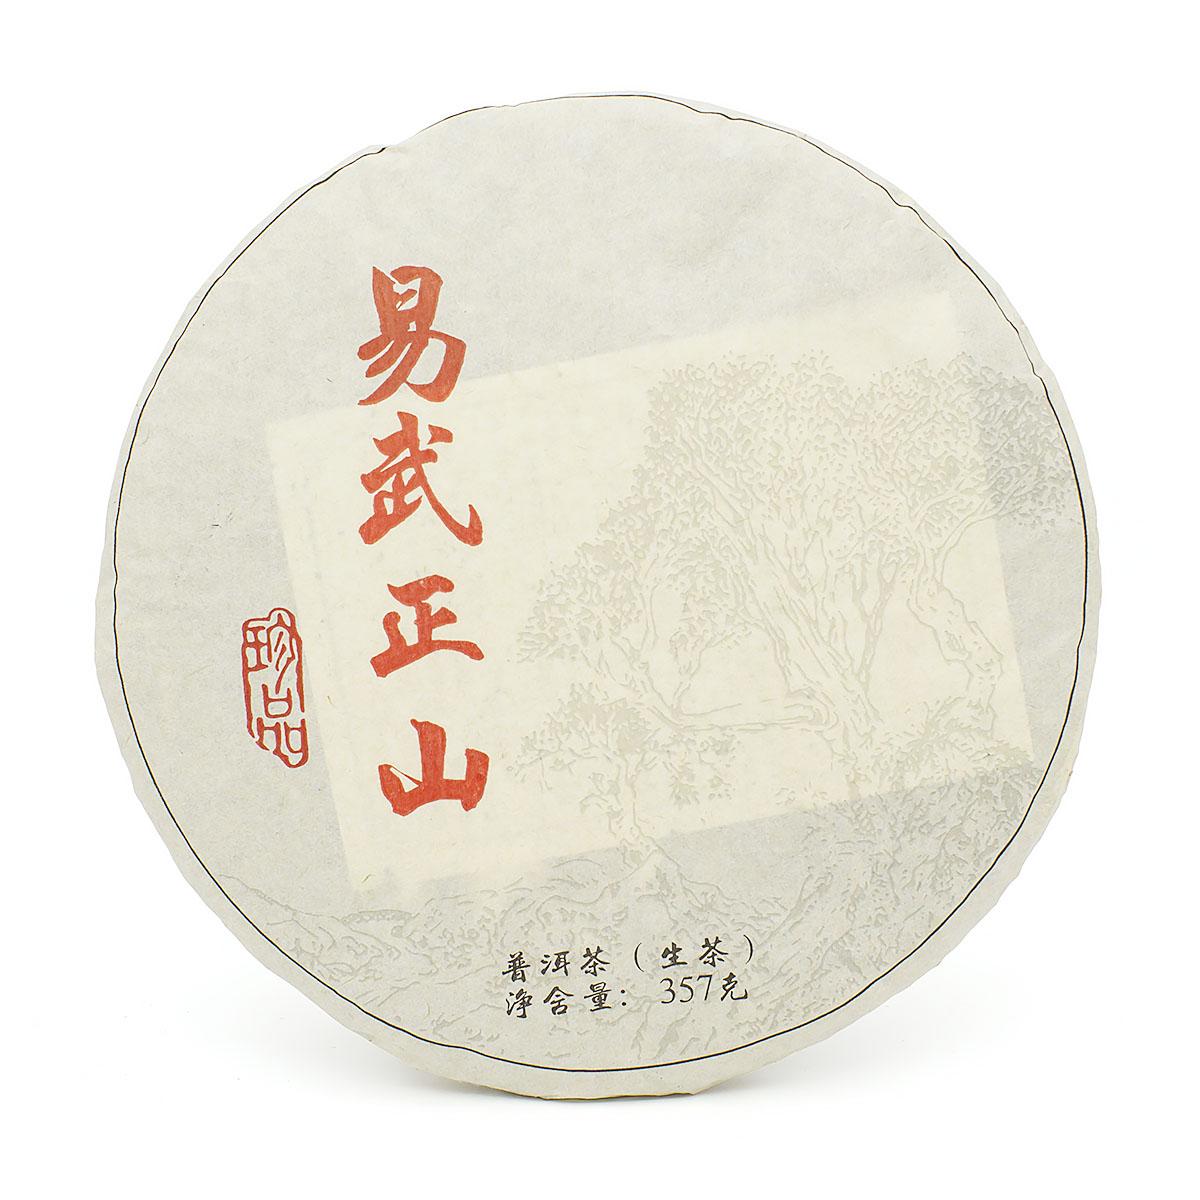 Шен Пуэр И У Чжен Шань, фабрика Цзин май, Юньнань, 2019 г, блин, 357 гр.